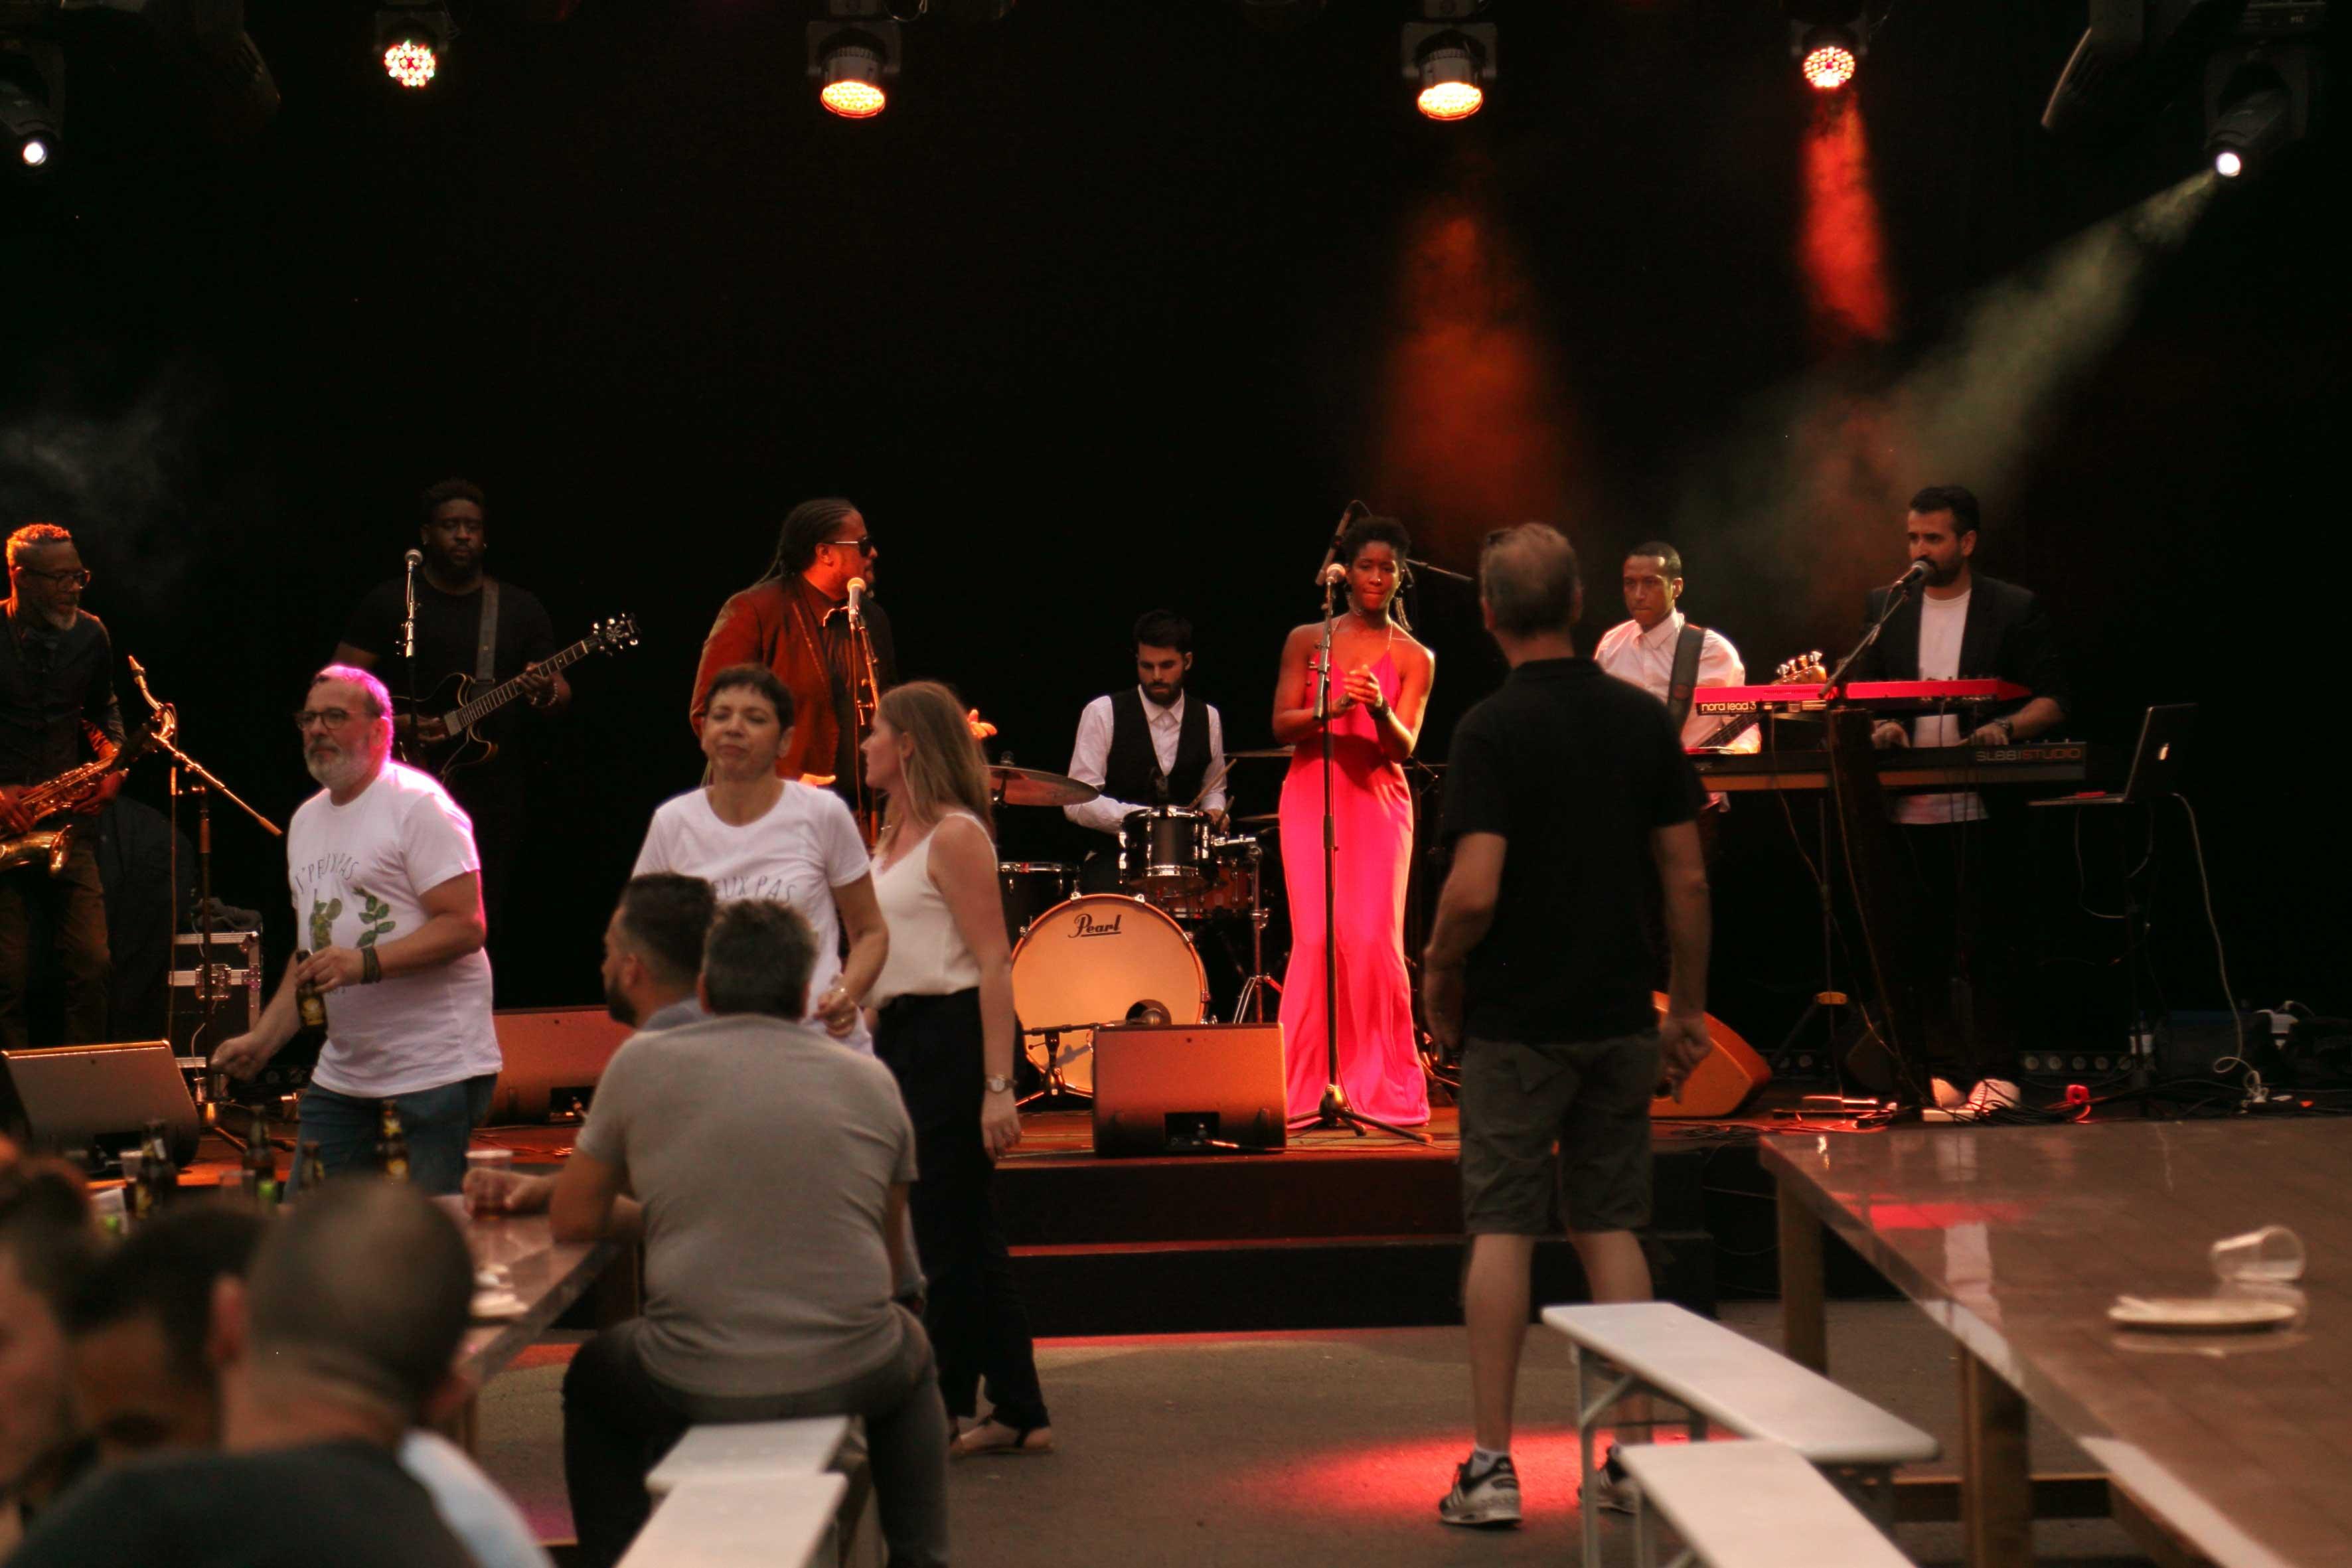 aucop-soiree-wissous-concert-musique-music-events-agency